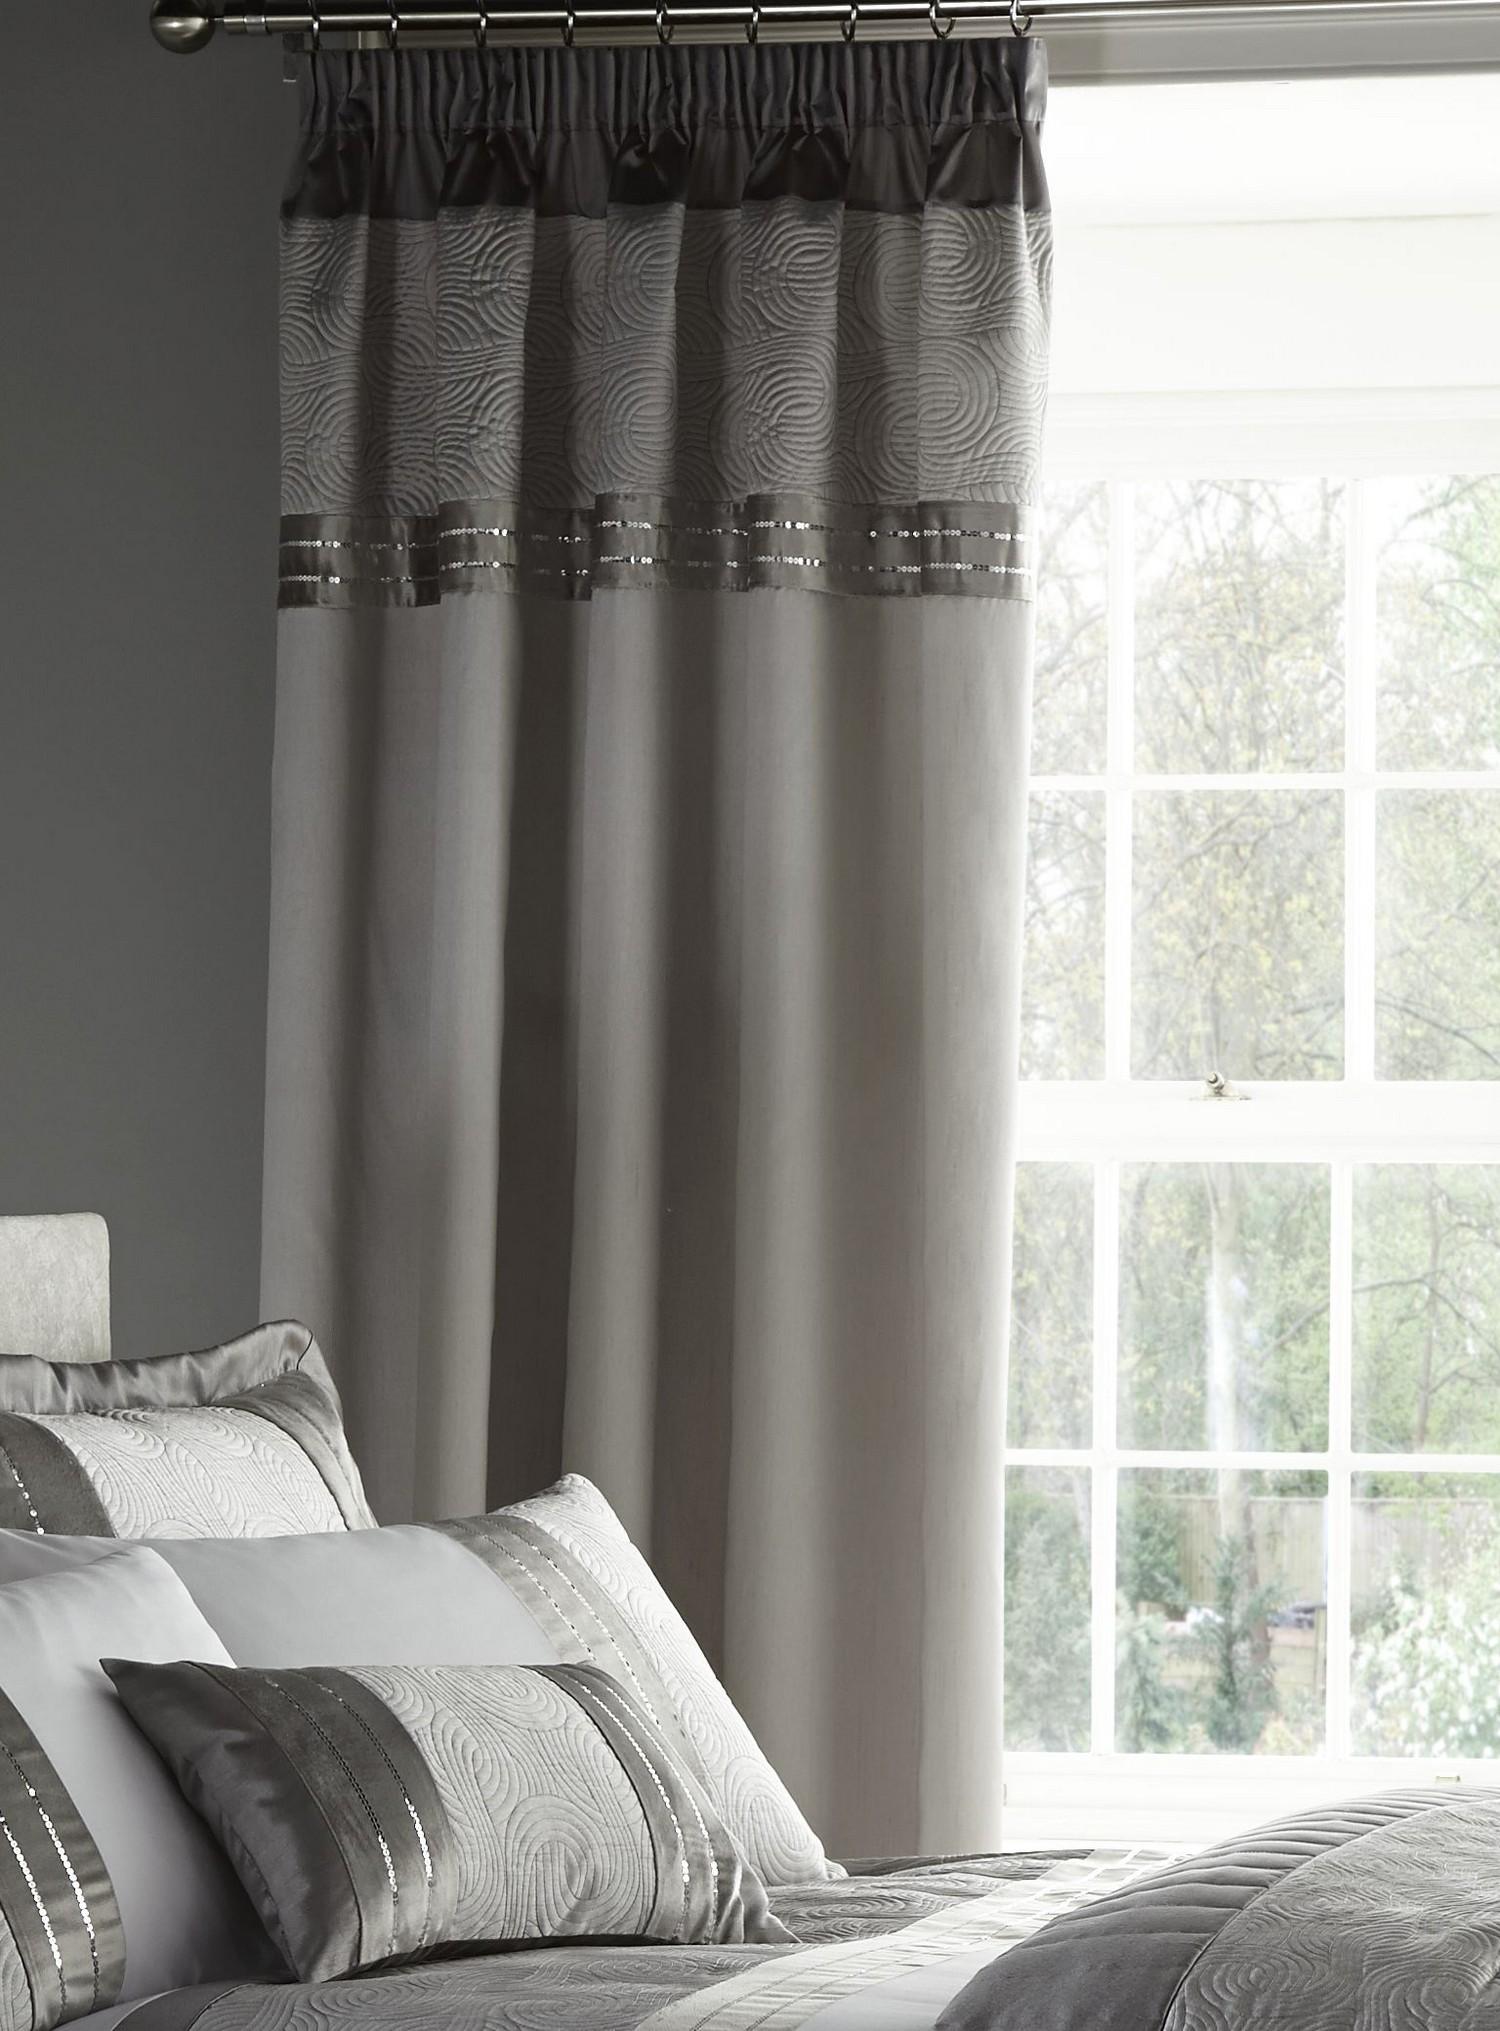 silver grey luxury duvet quilt cover bedding bed set or. Black Bedroom Furniture Sets. Home Design Ideas